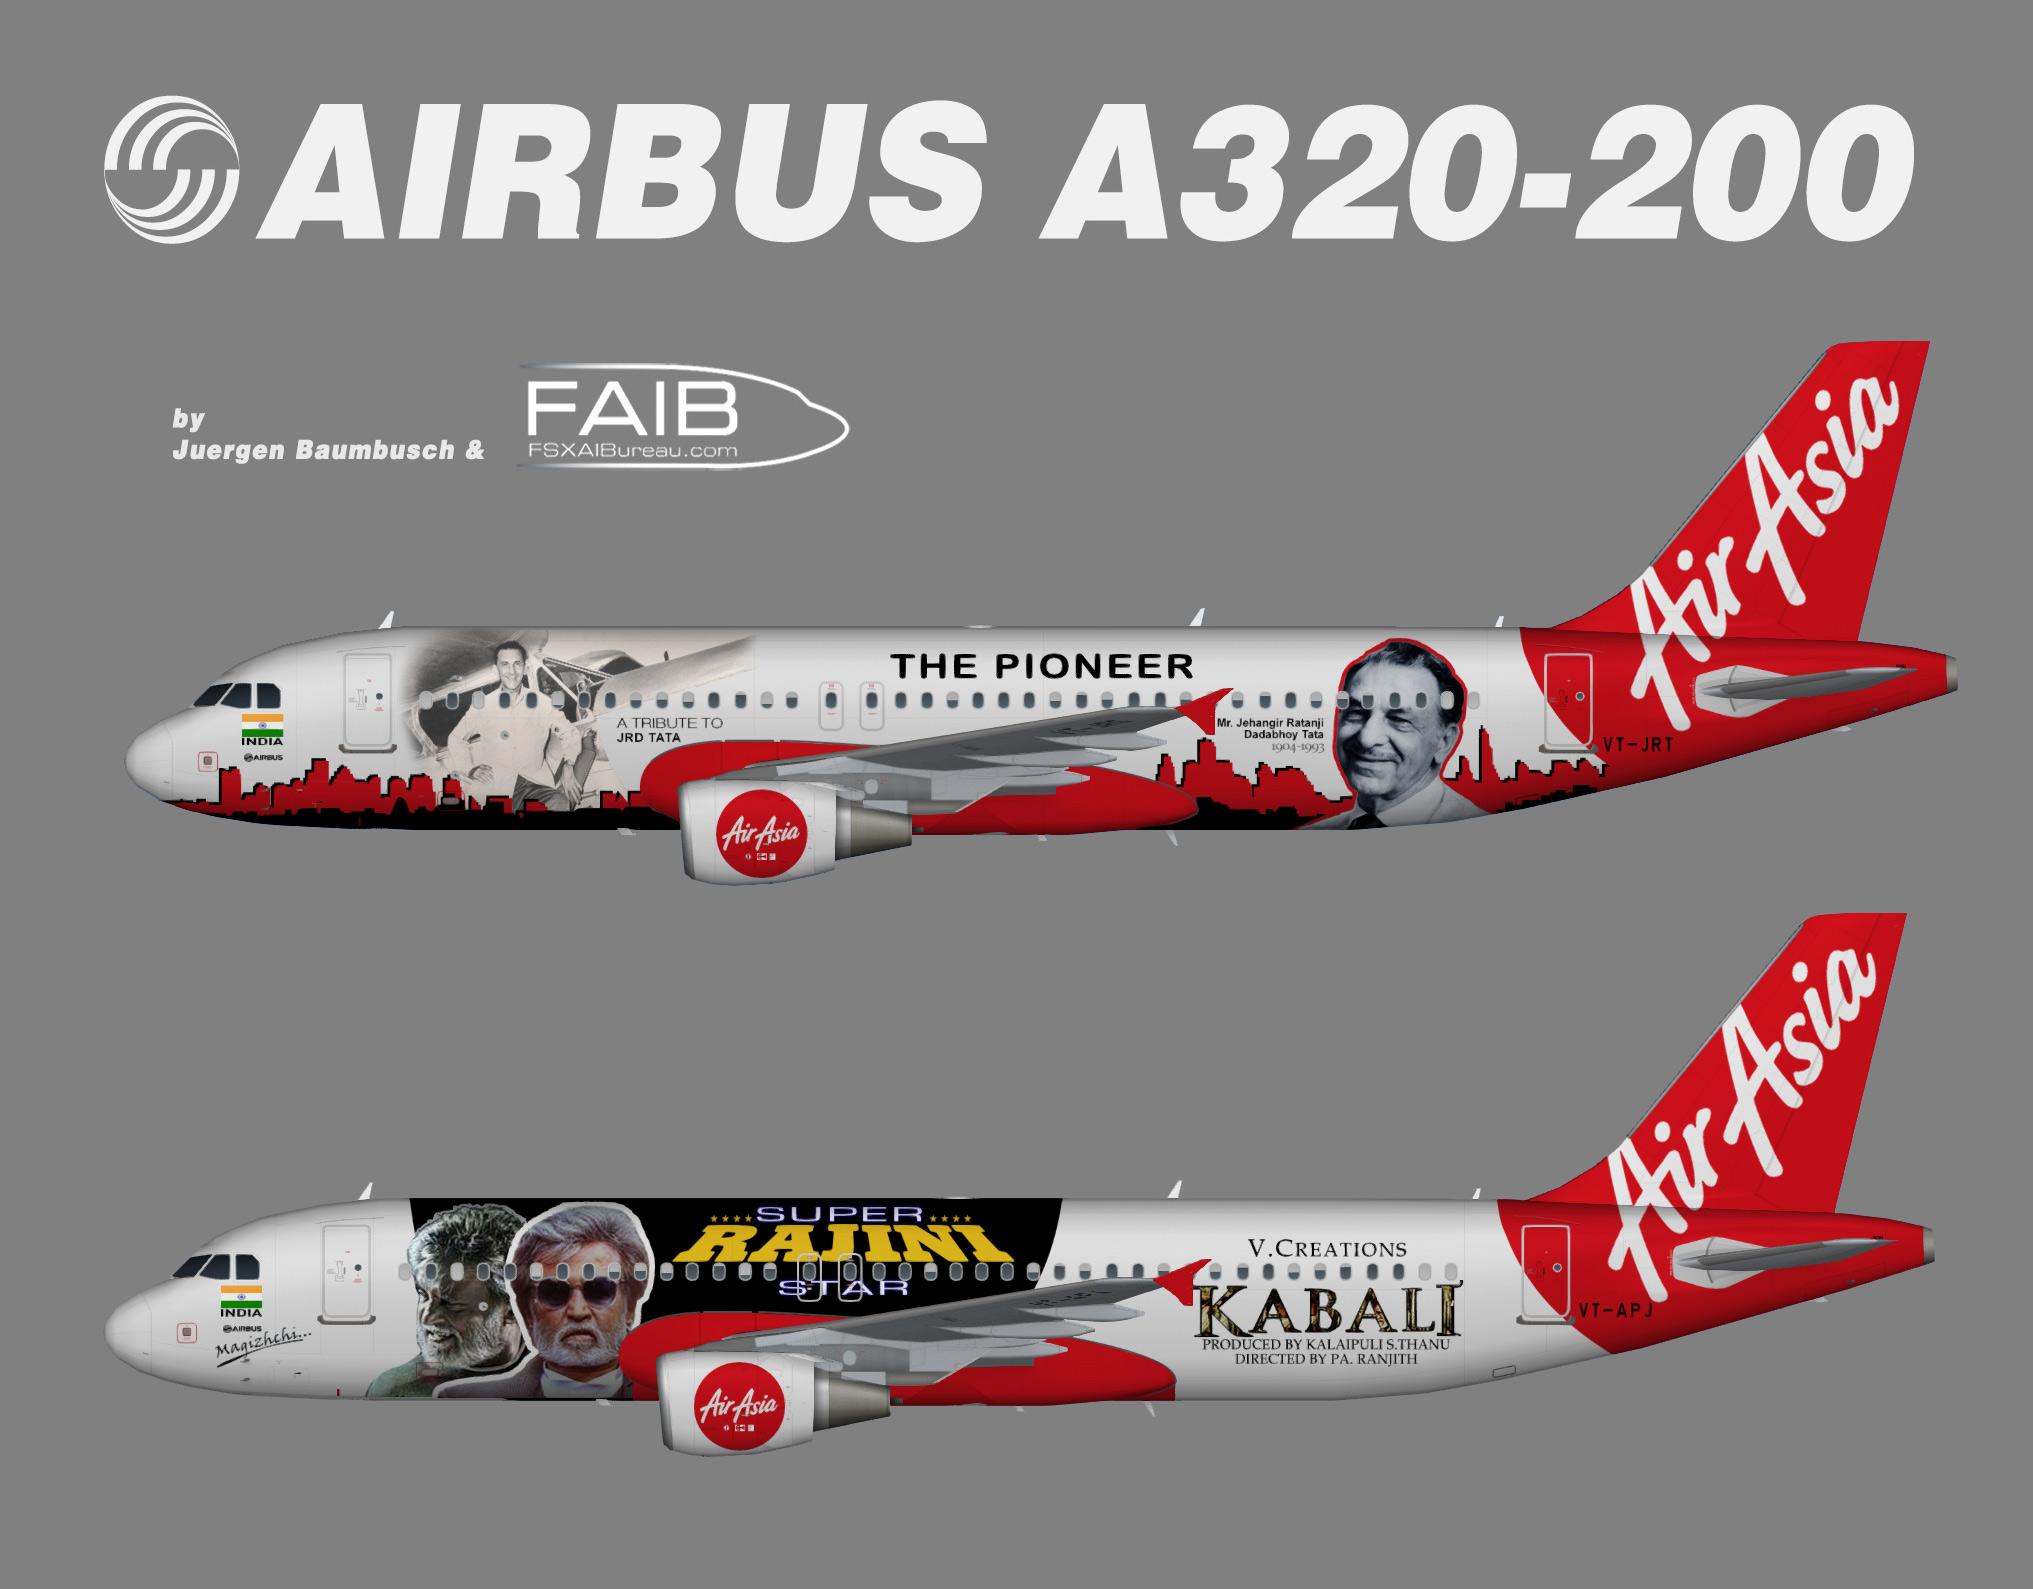 AirAsia India Airbus A320-200 Specials